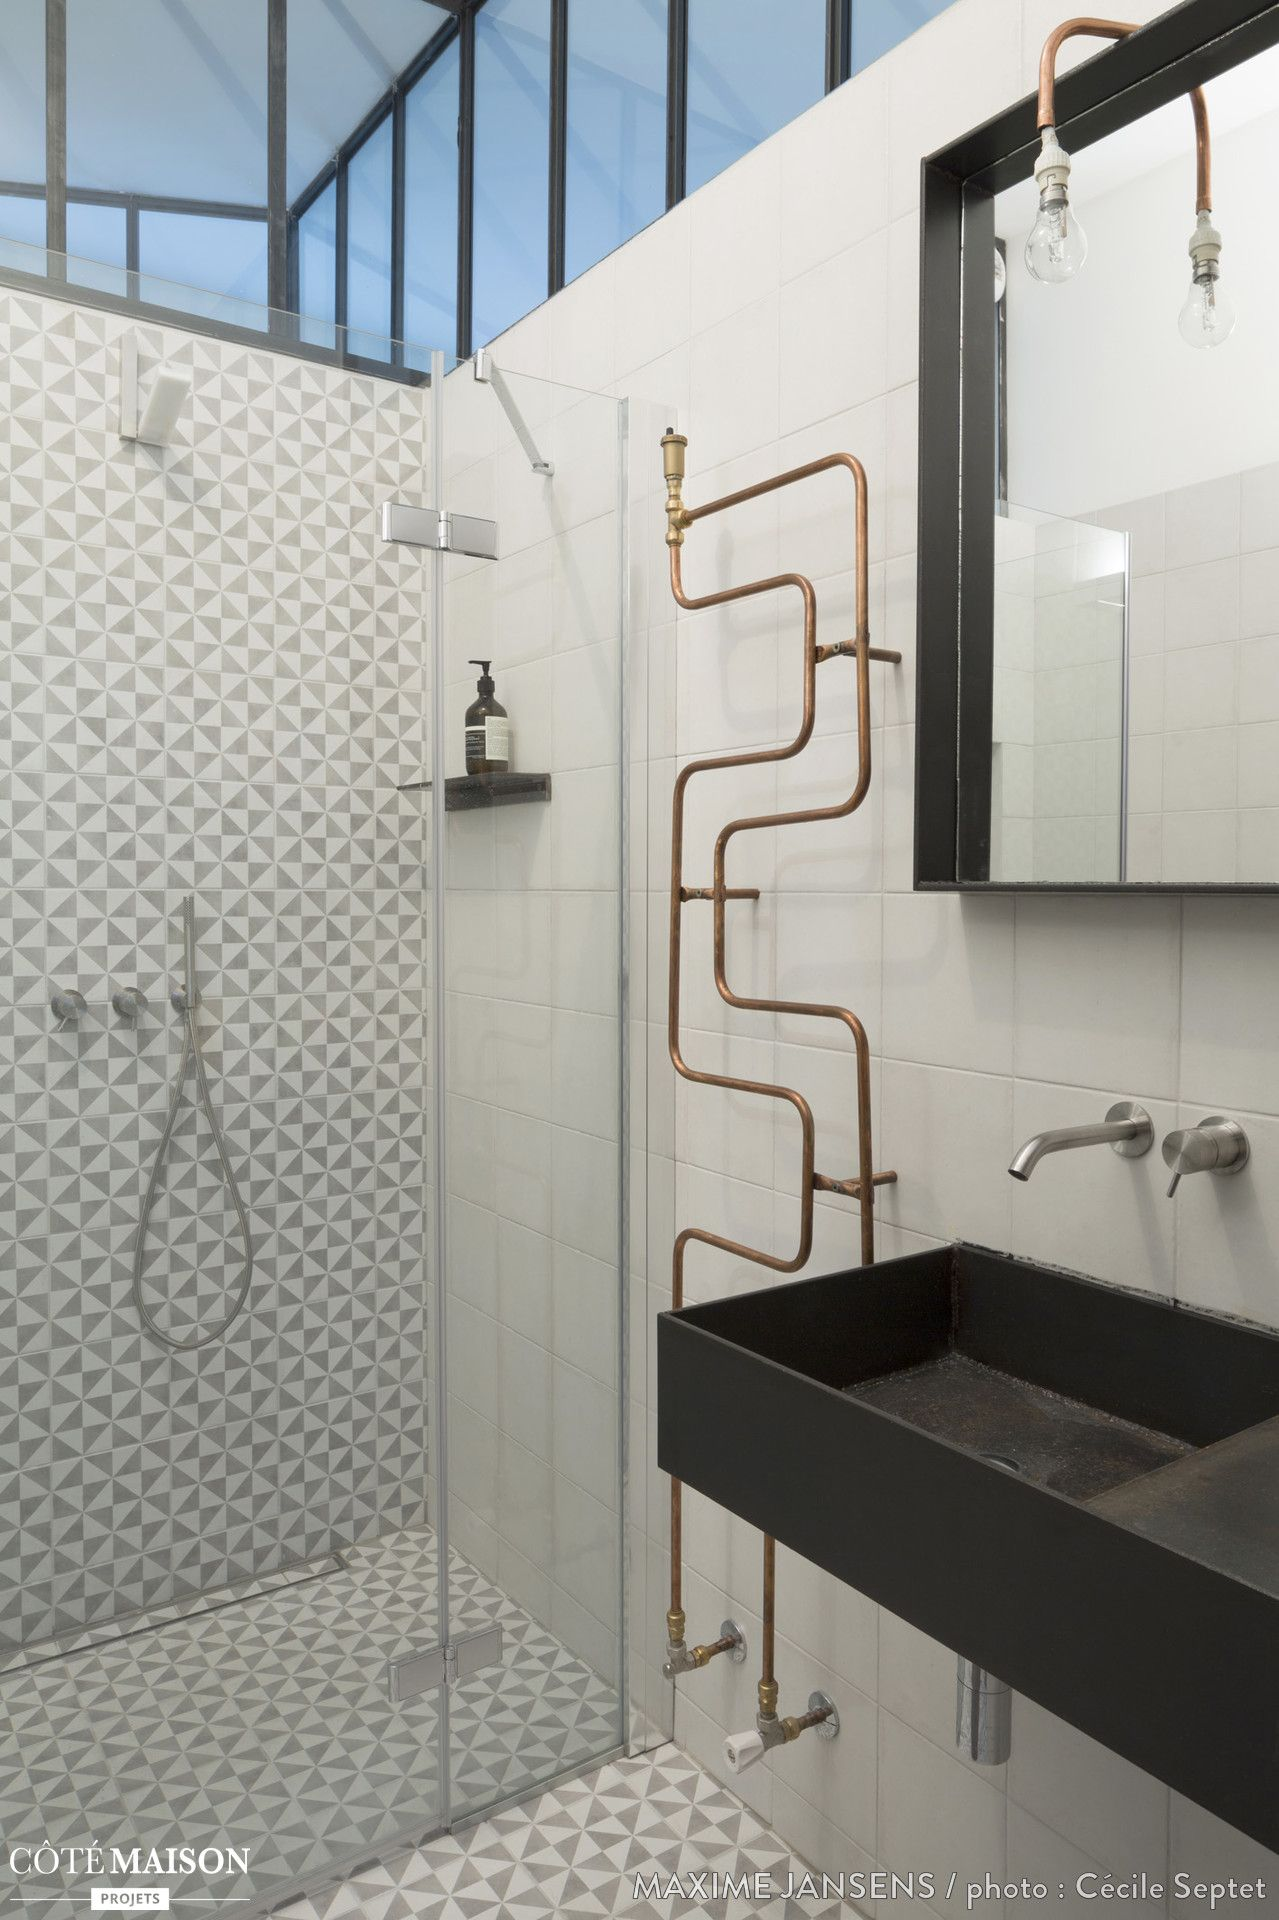 aménagement d'un loft paris 10ème, maxime jansens architecte ... - Salle De Bain Style Loft